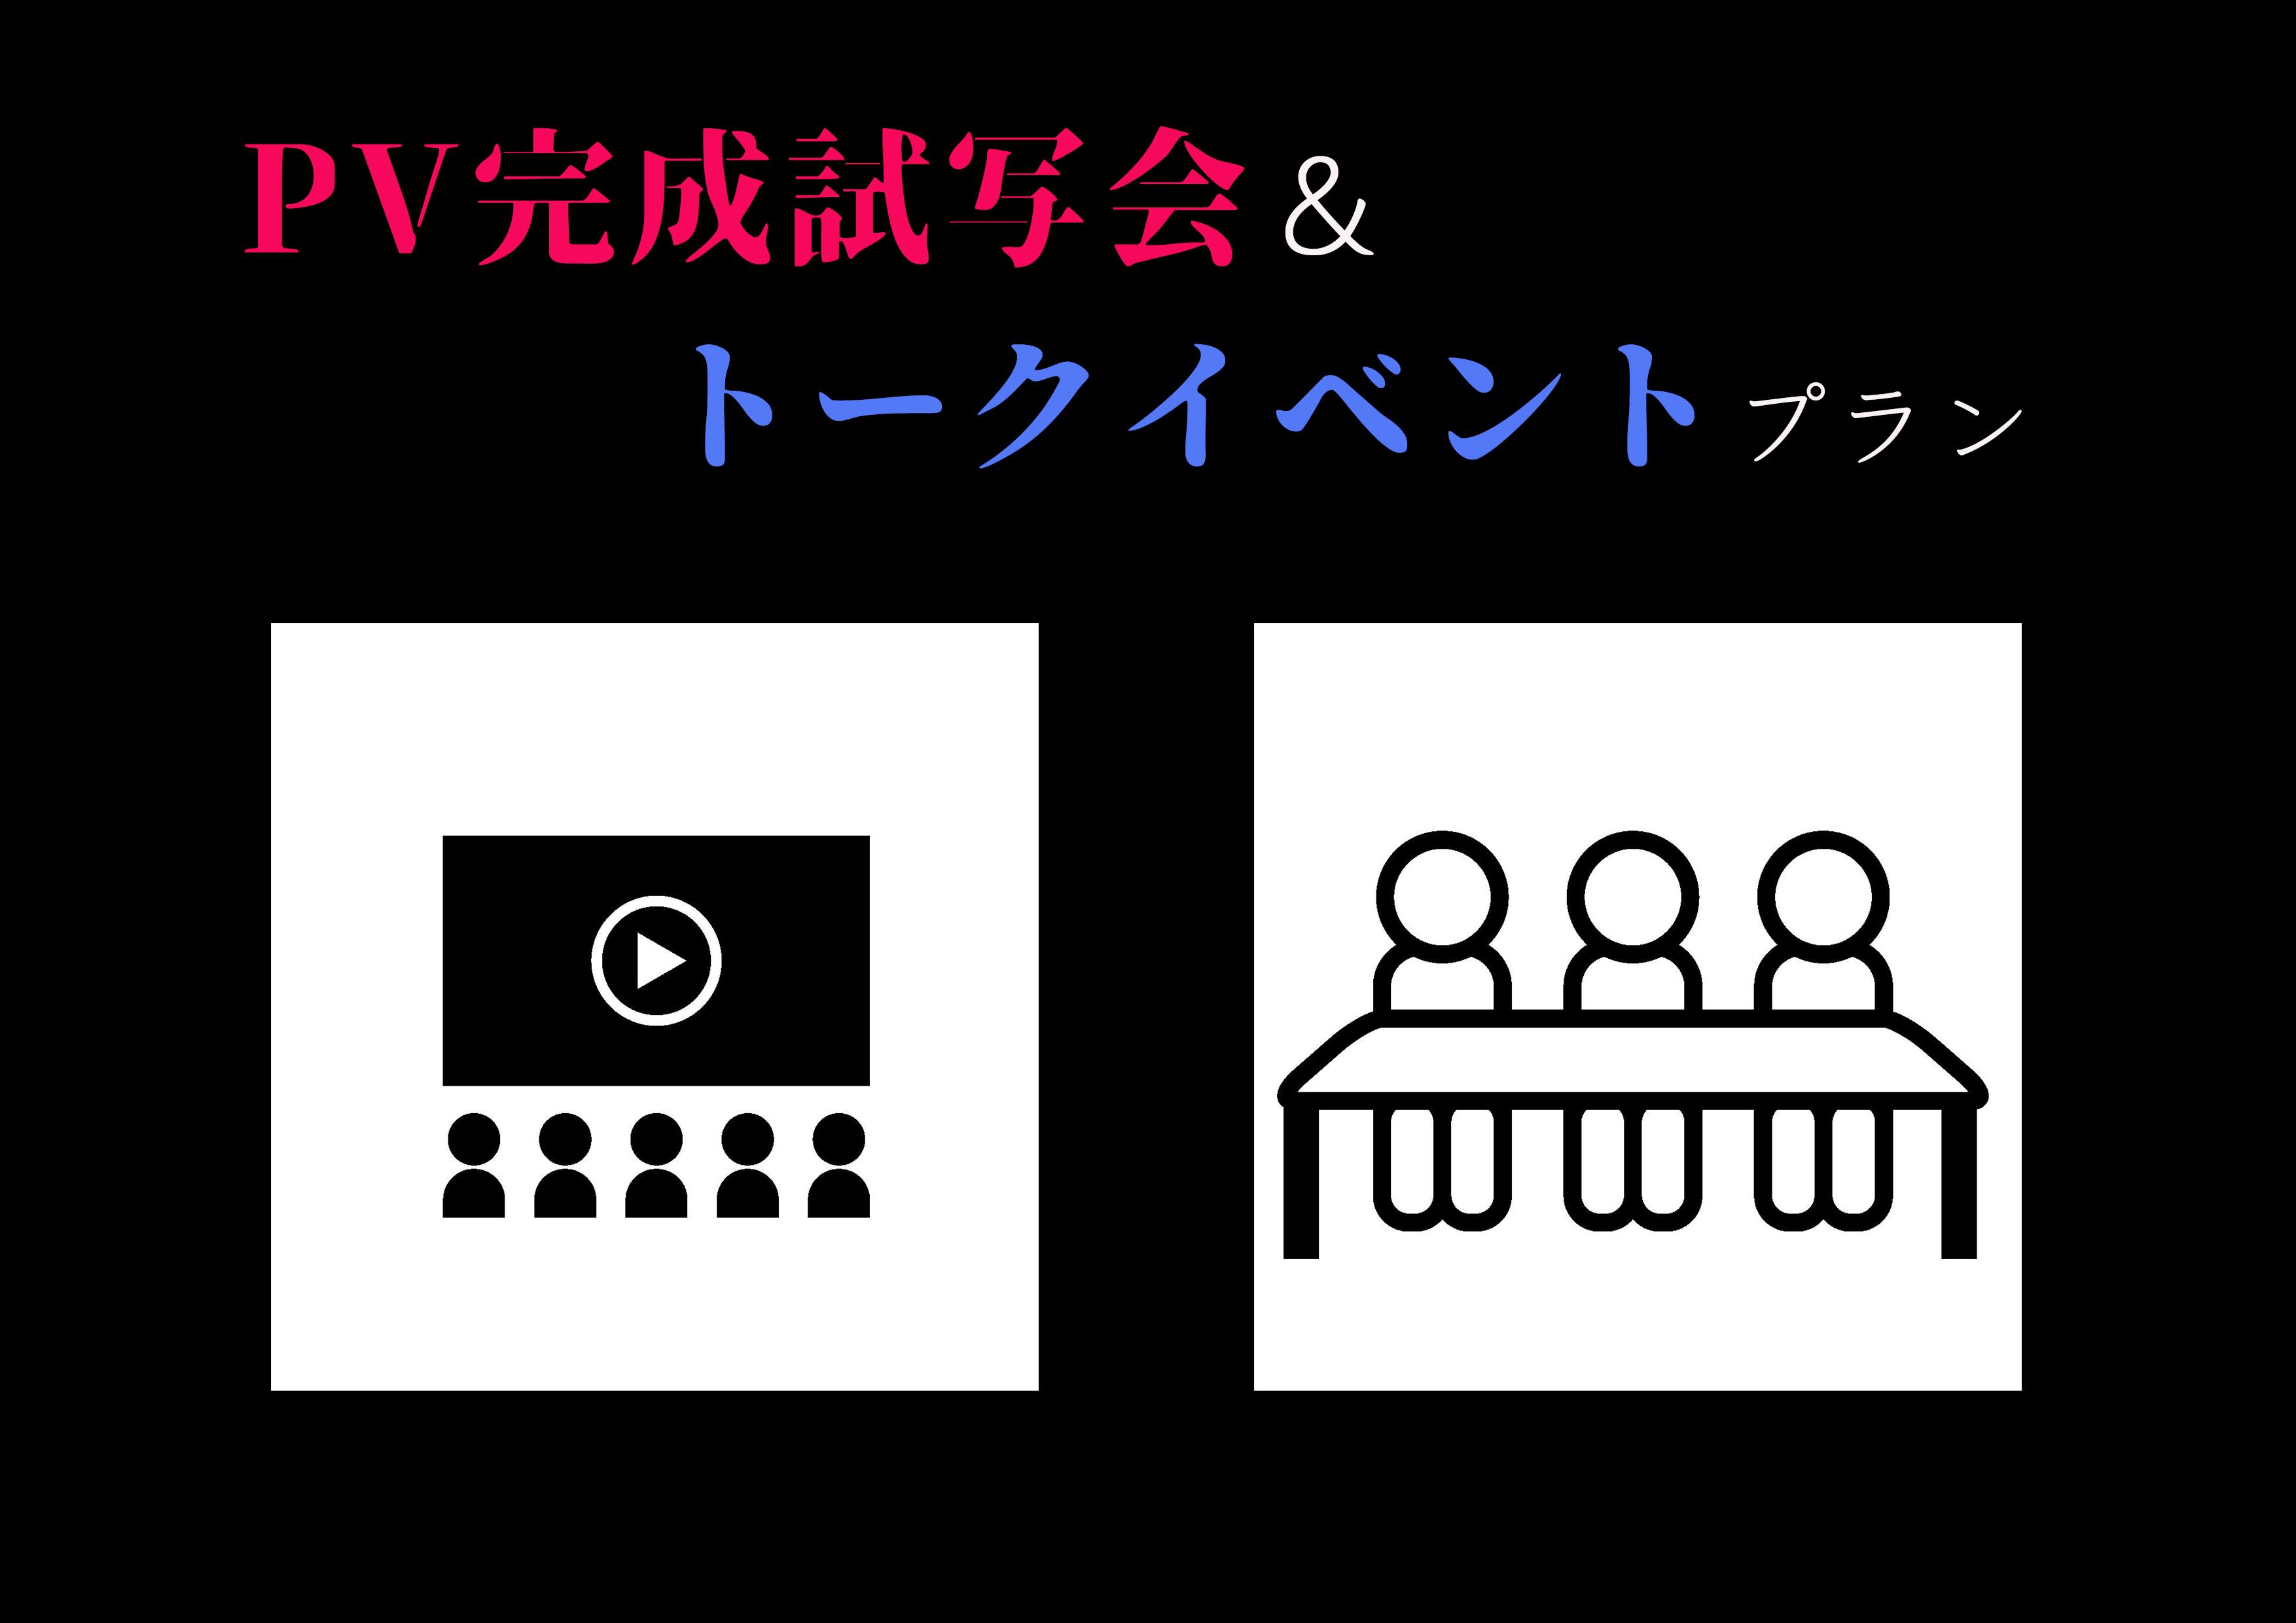 【 PV完成試写会&トークイベントプラン 】